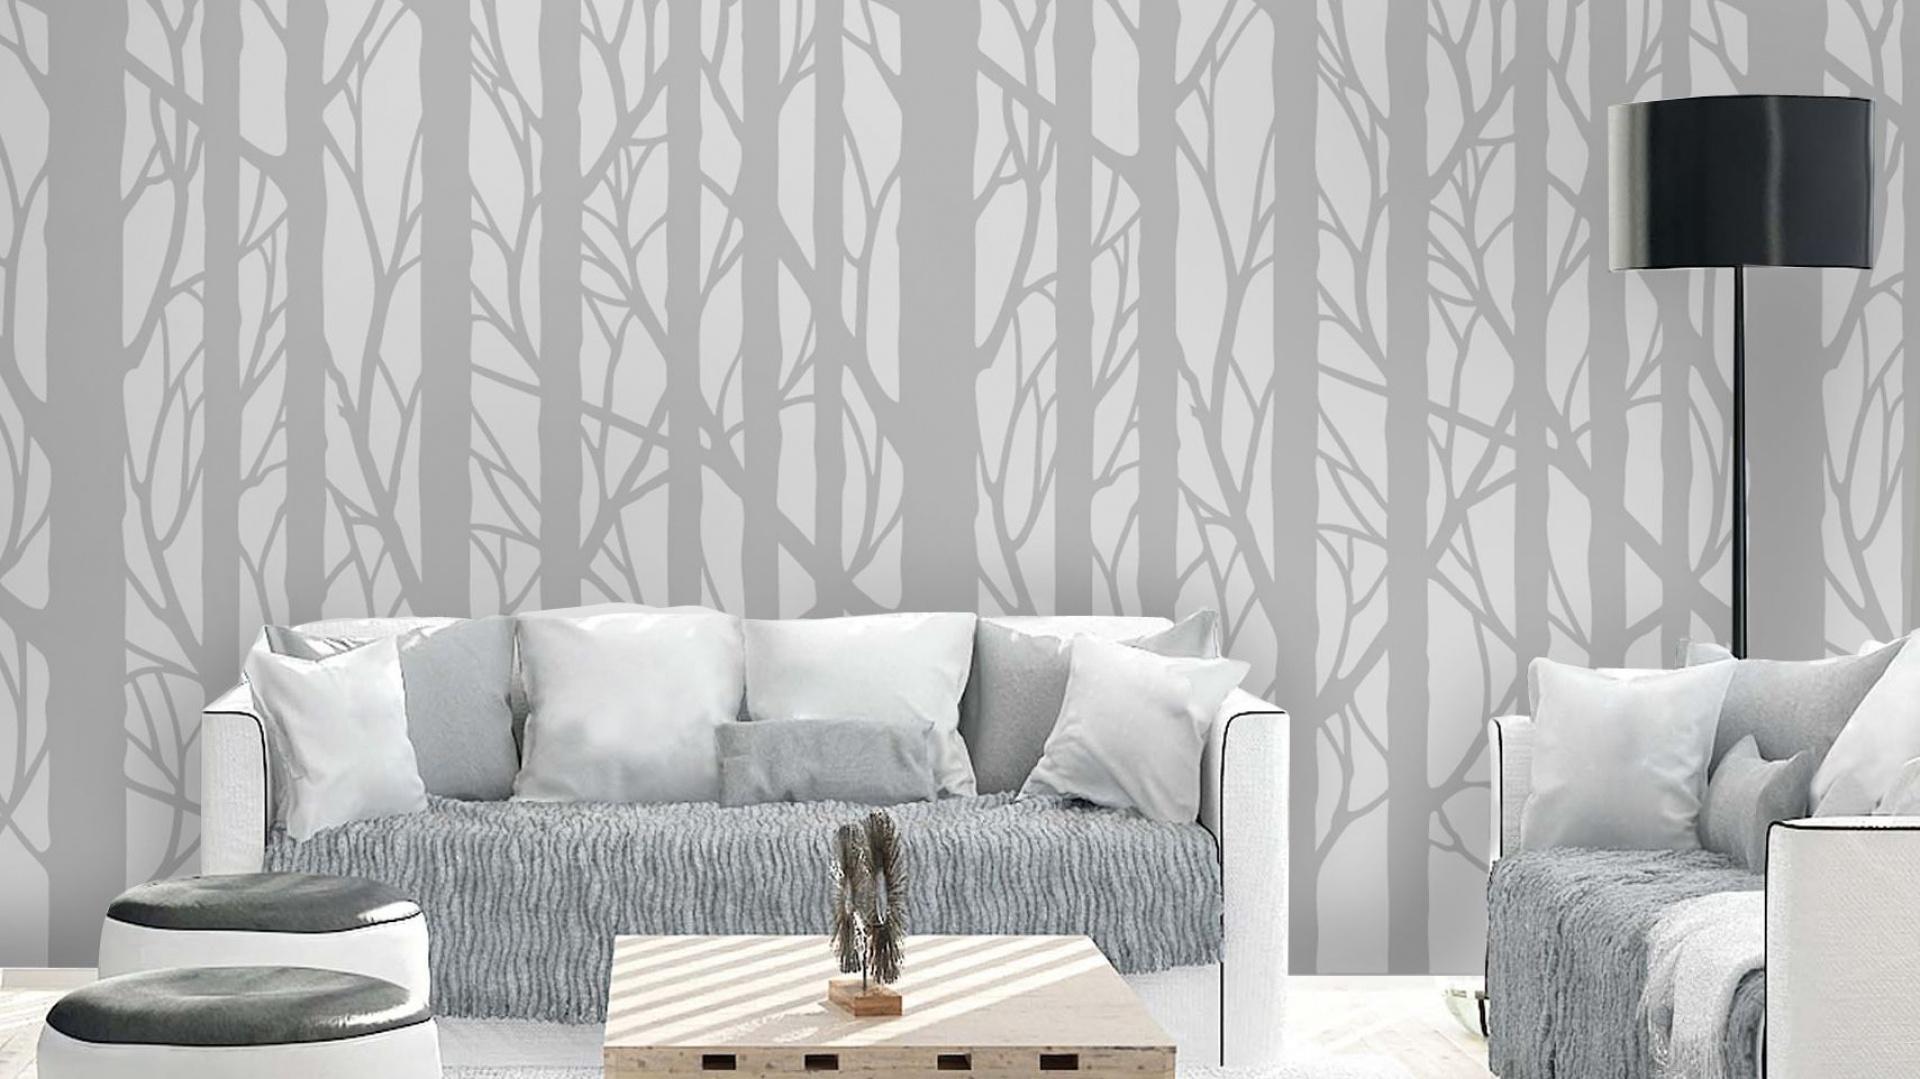 Tapetę Graphic Tree zdobią graficzne, uproszczone wzory przedstawiające drzewa i gałęzie. Przepięknie wyglądają na ścianach, ponieważ tworzą wrażenie cienia rzucanego przez drzewa za oknem. Fot. Wallstory.